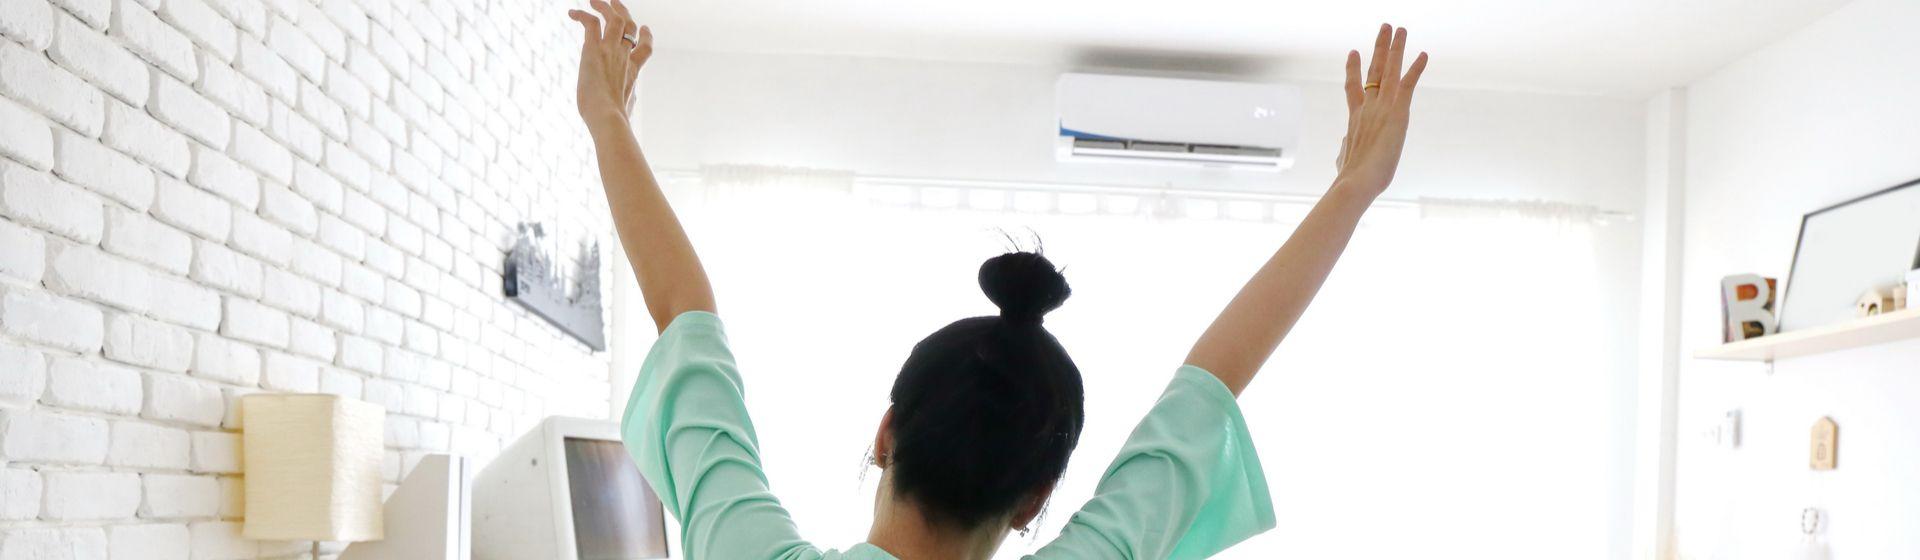 Como refrescar o quarto: 4 dicas e opções de ventilador, climatizador ou ar condicionado